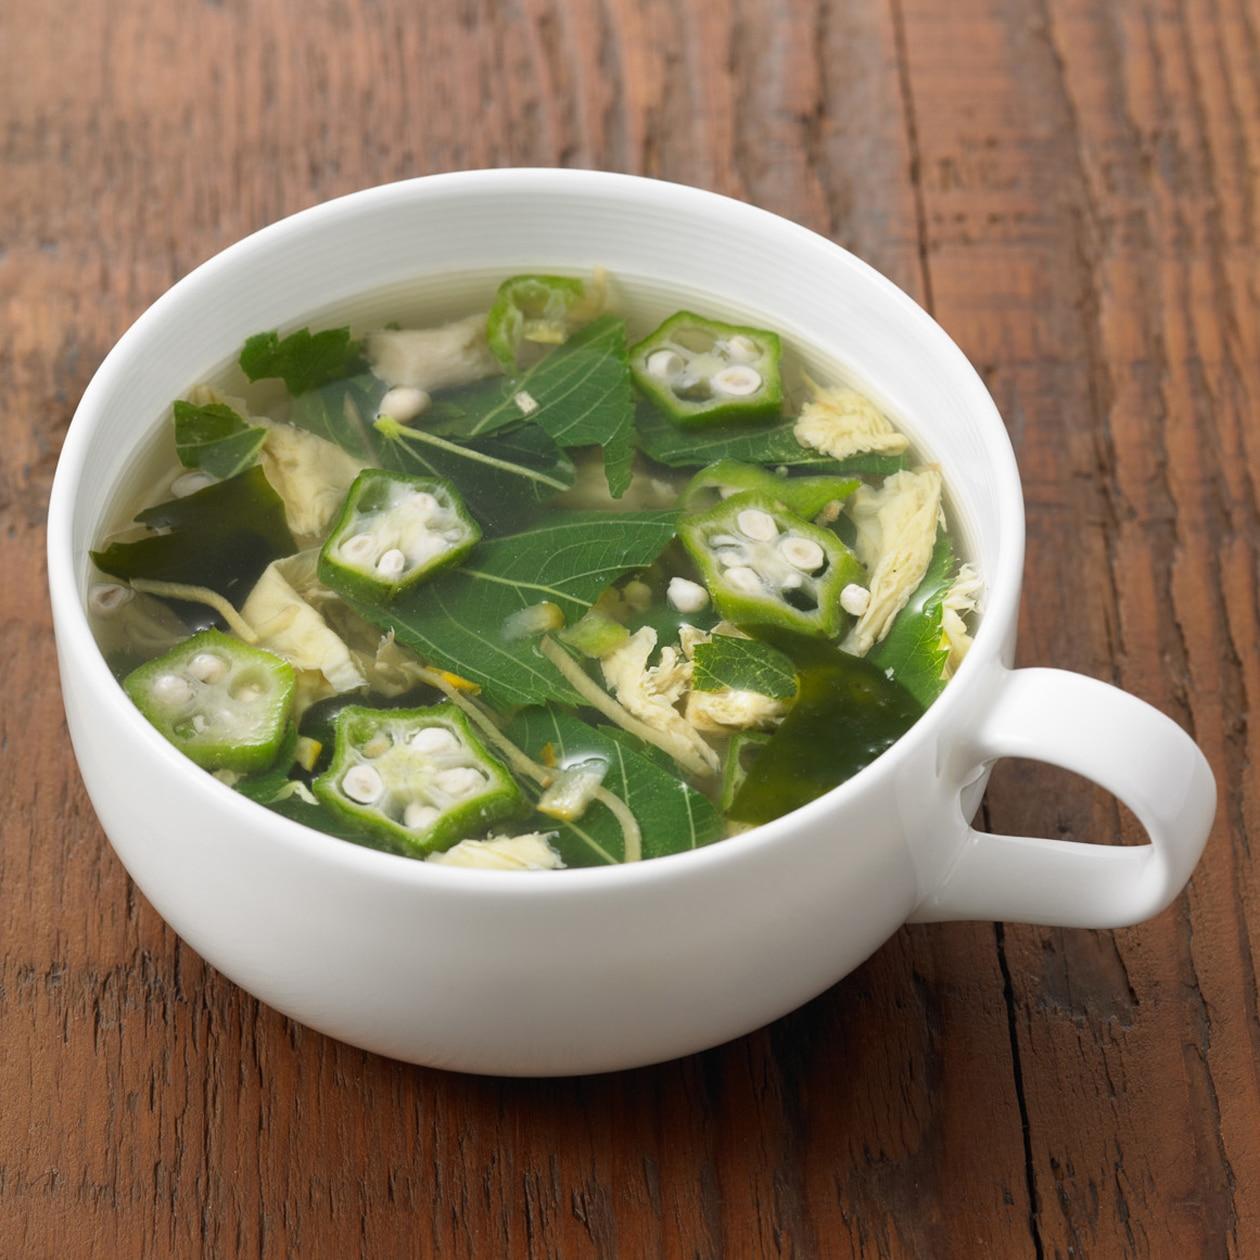 食べるスープ オクラ入りねばねば野菜のスープ